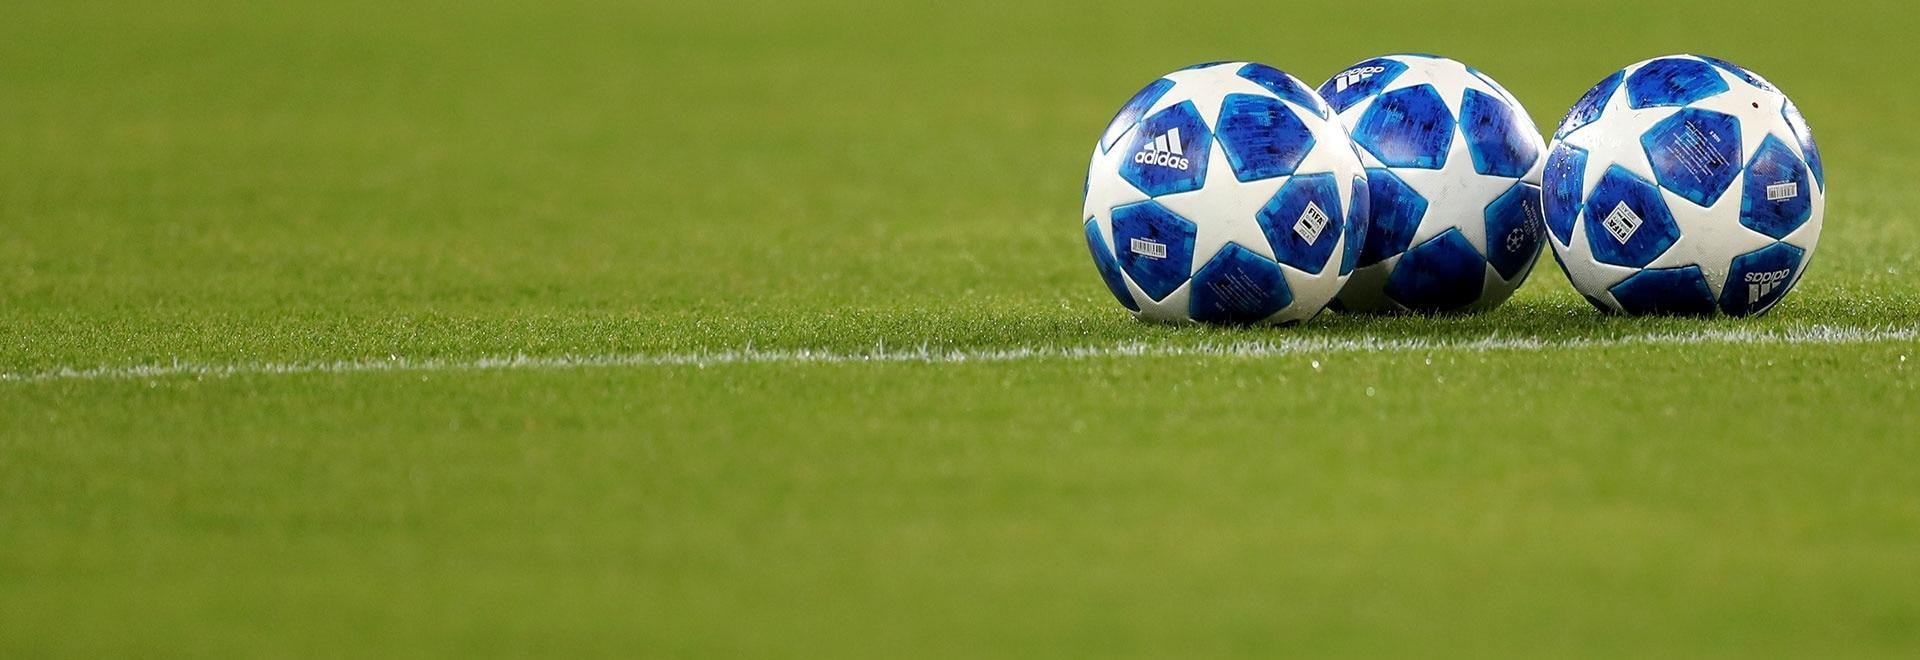 Man Utd - Juventus 23/10/18. 3a g.